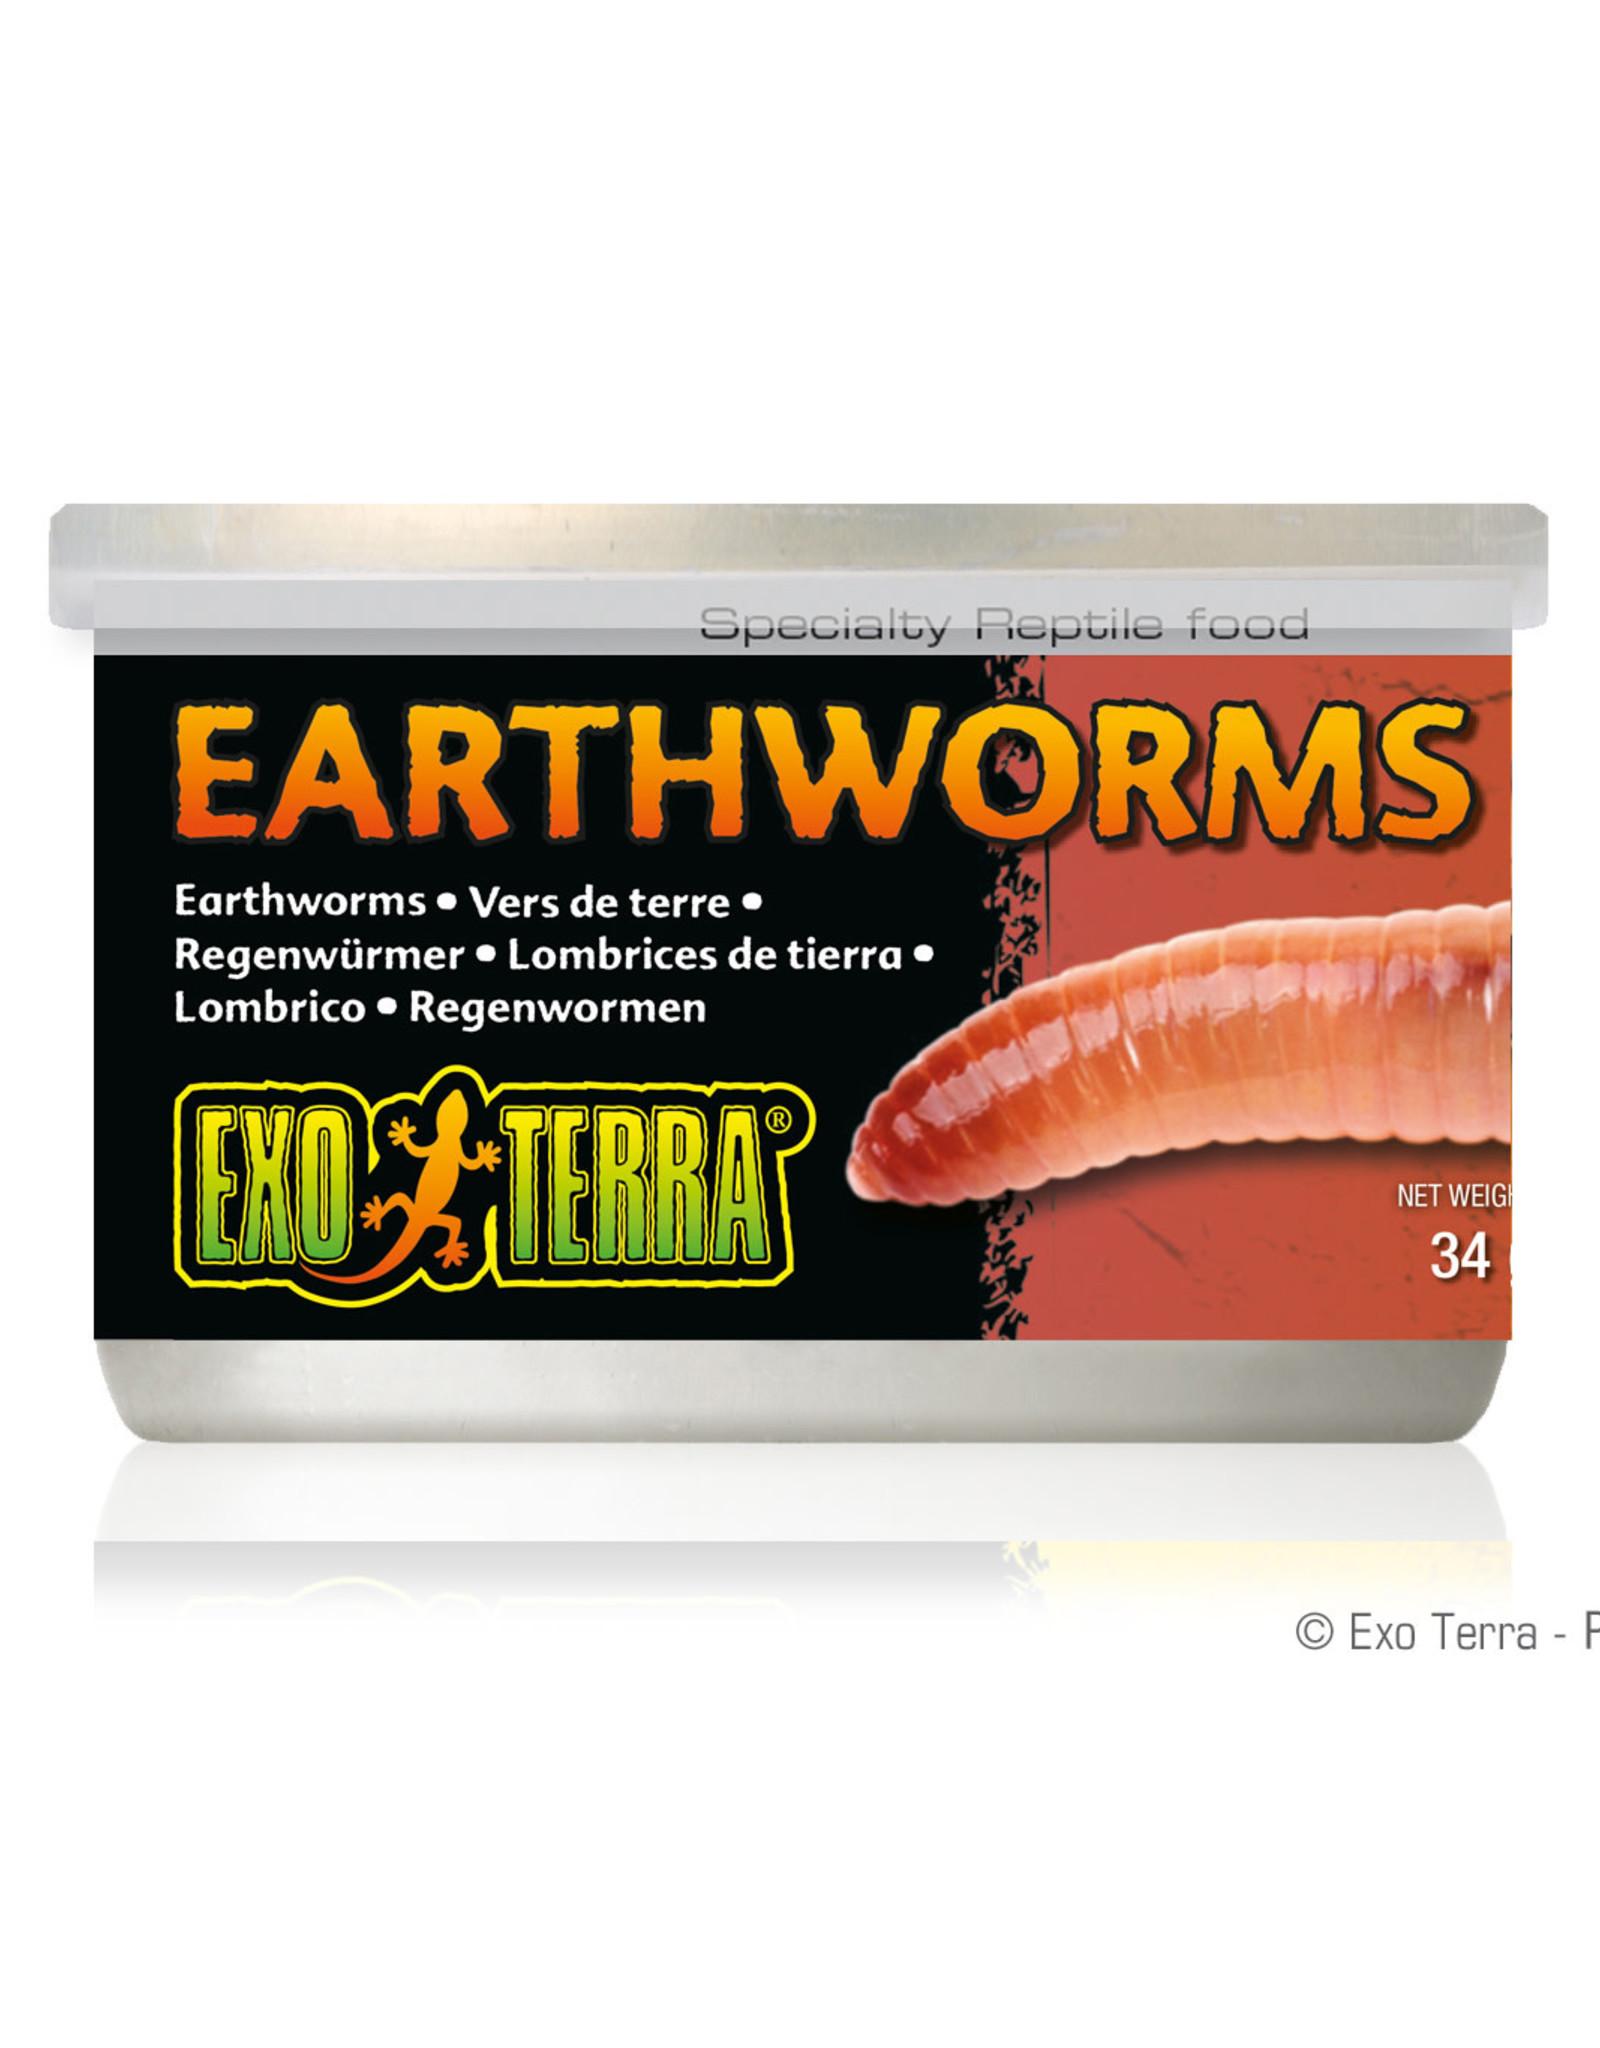 EXO-TERRA Exo Terra Canned Earthworms - 34 g (1.2 oz)